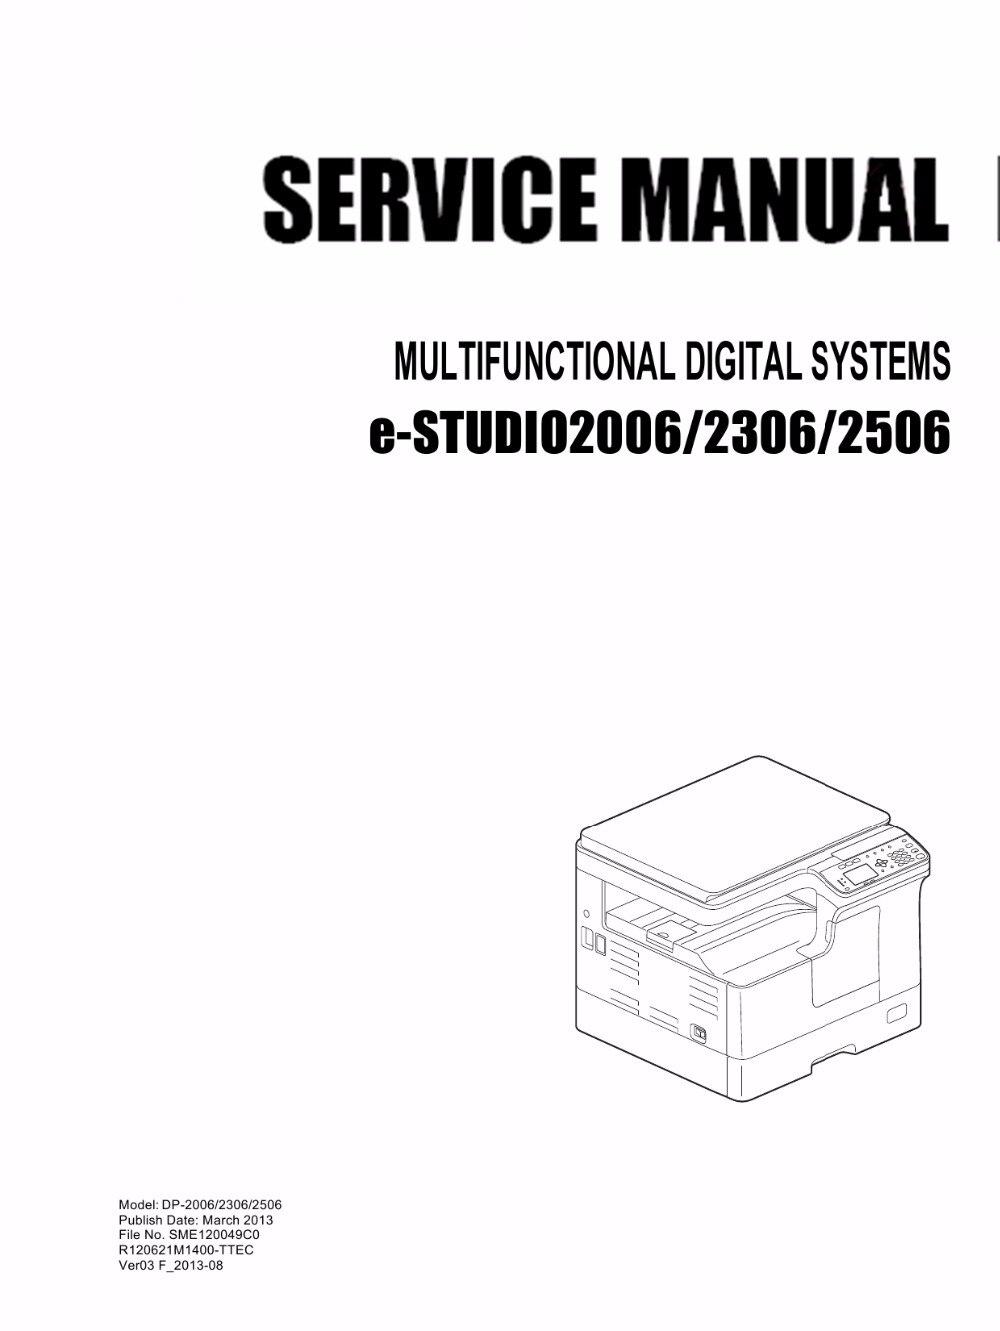 Copier Service Manual For Toshiba E Studio 2006 2306 2506